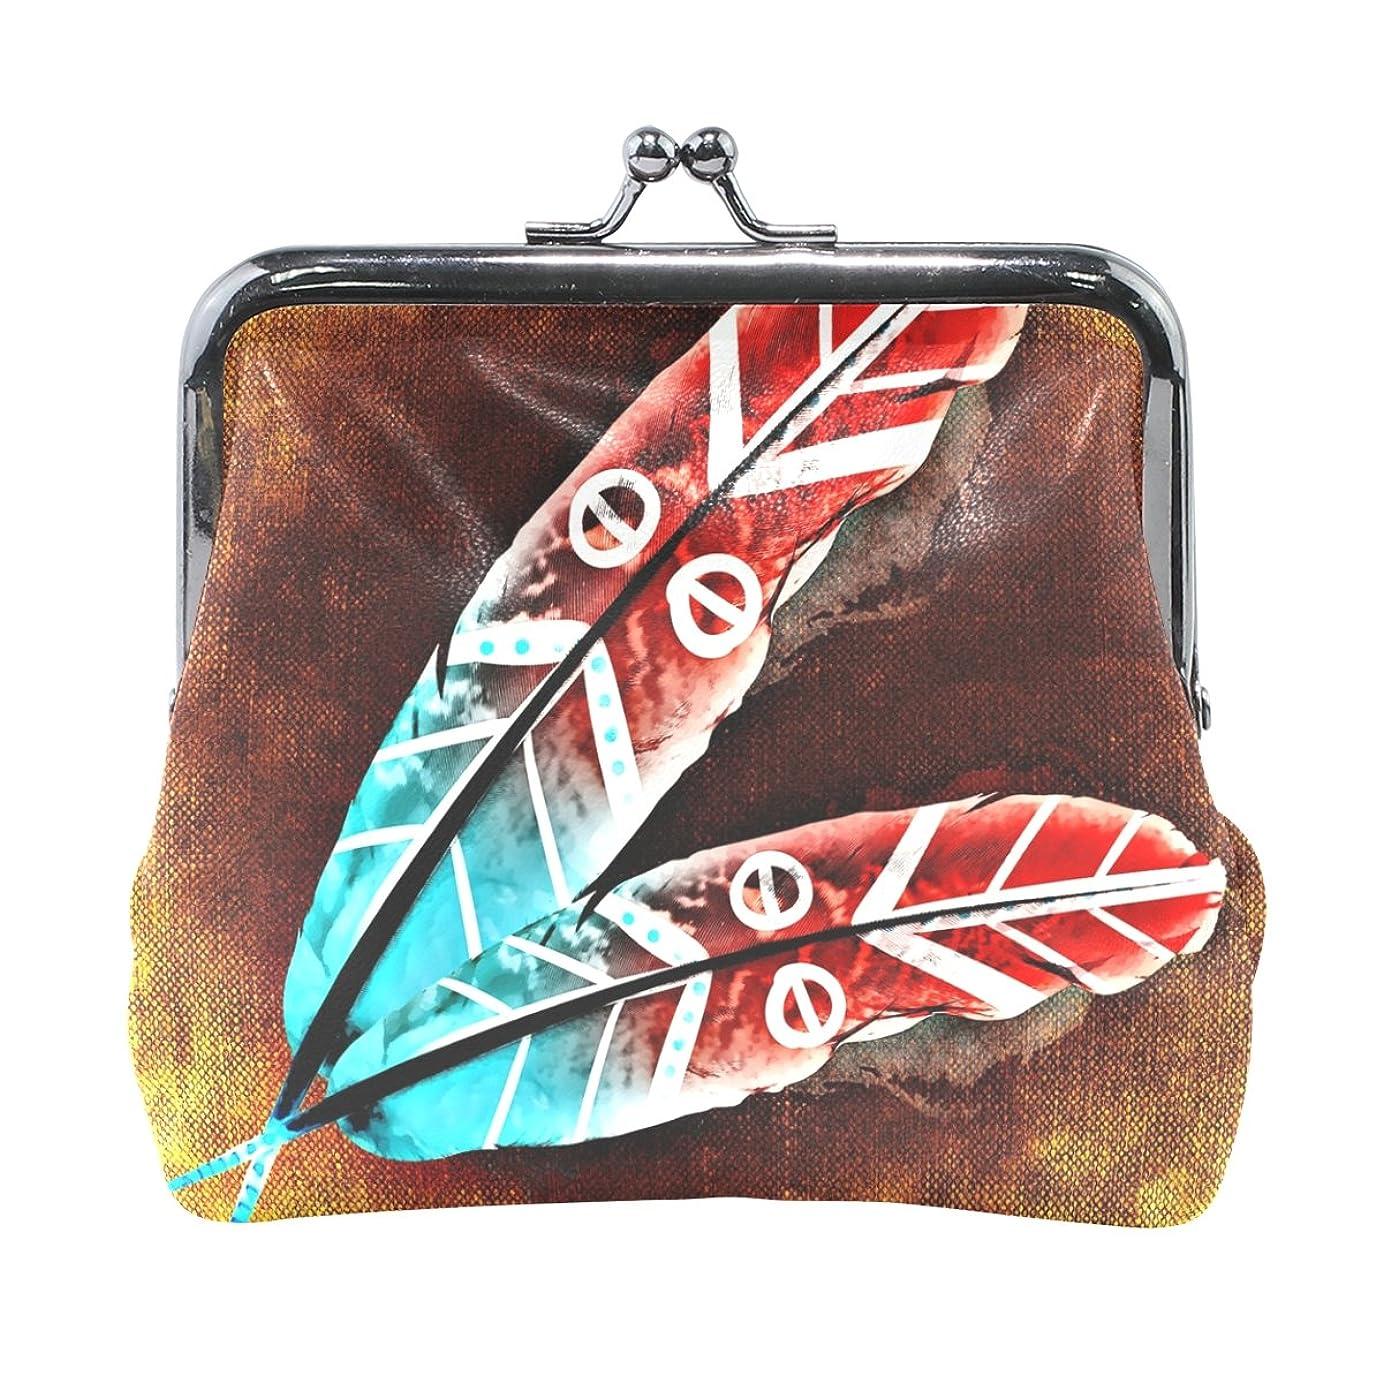 磁気数値こしょうAOMOKI 財布 小銭入れ ガマ口 コインケース レザー 羽 インディアン風 赤 青い 綺麗